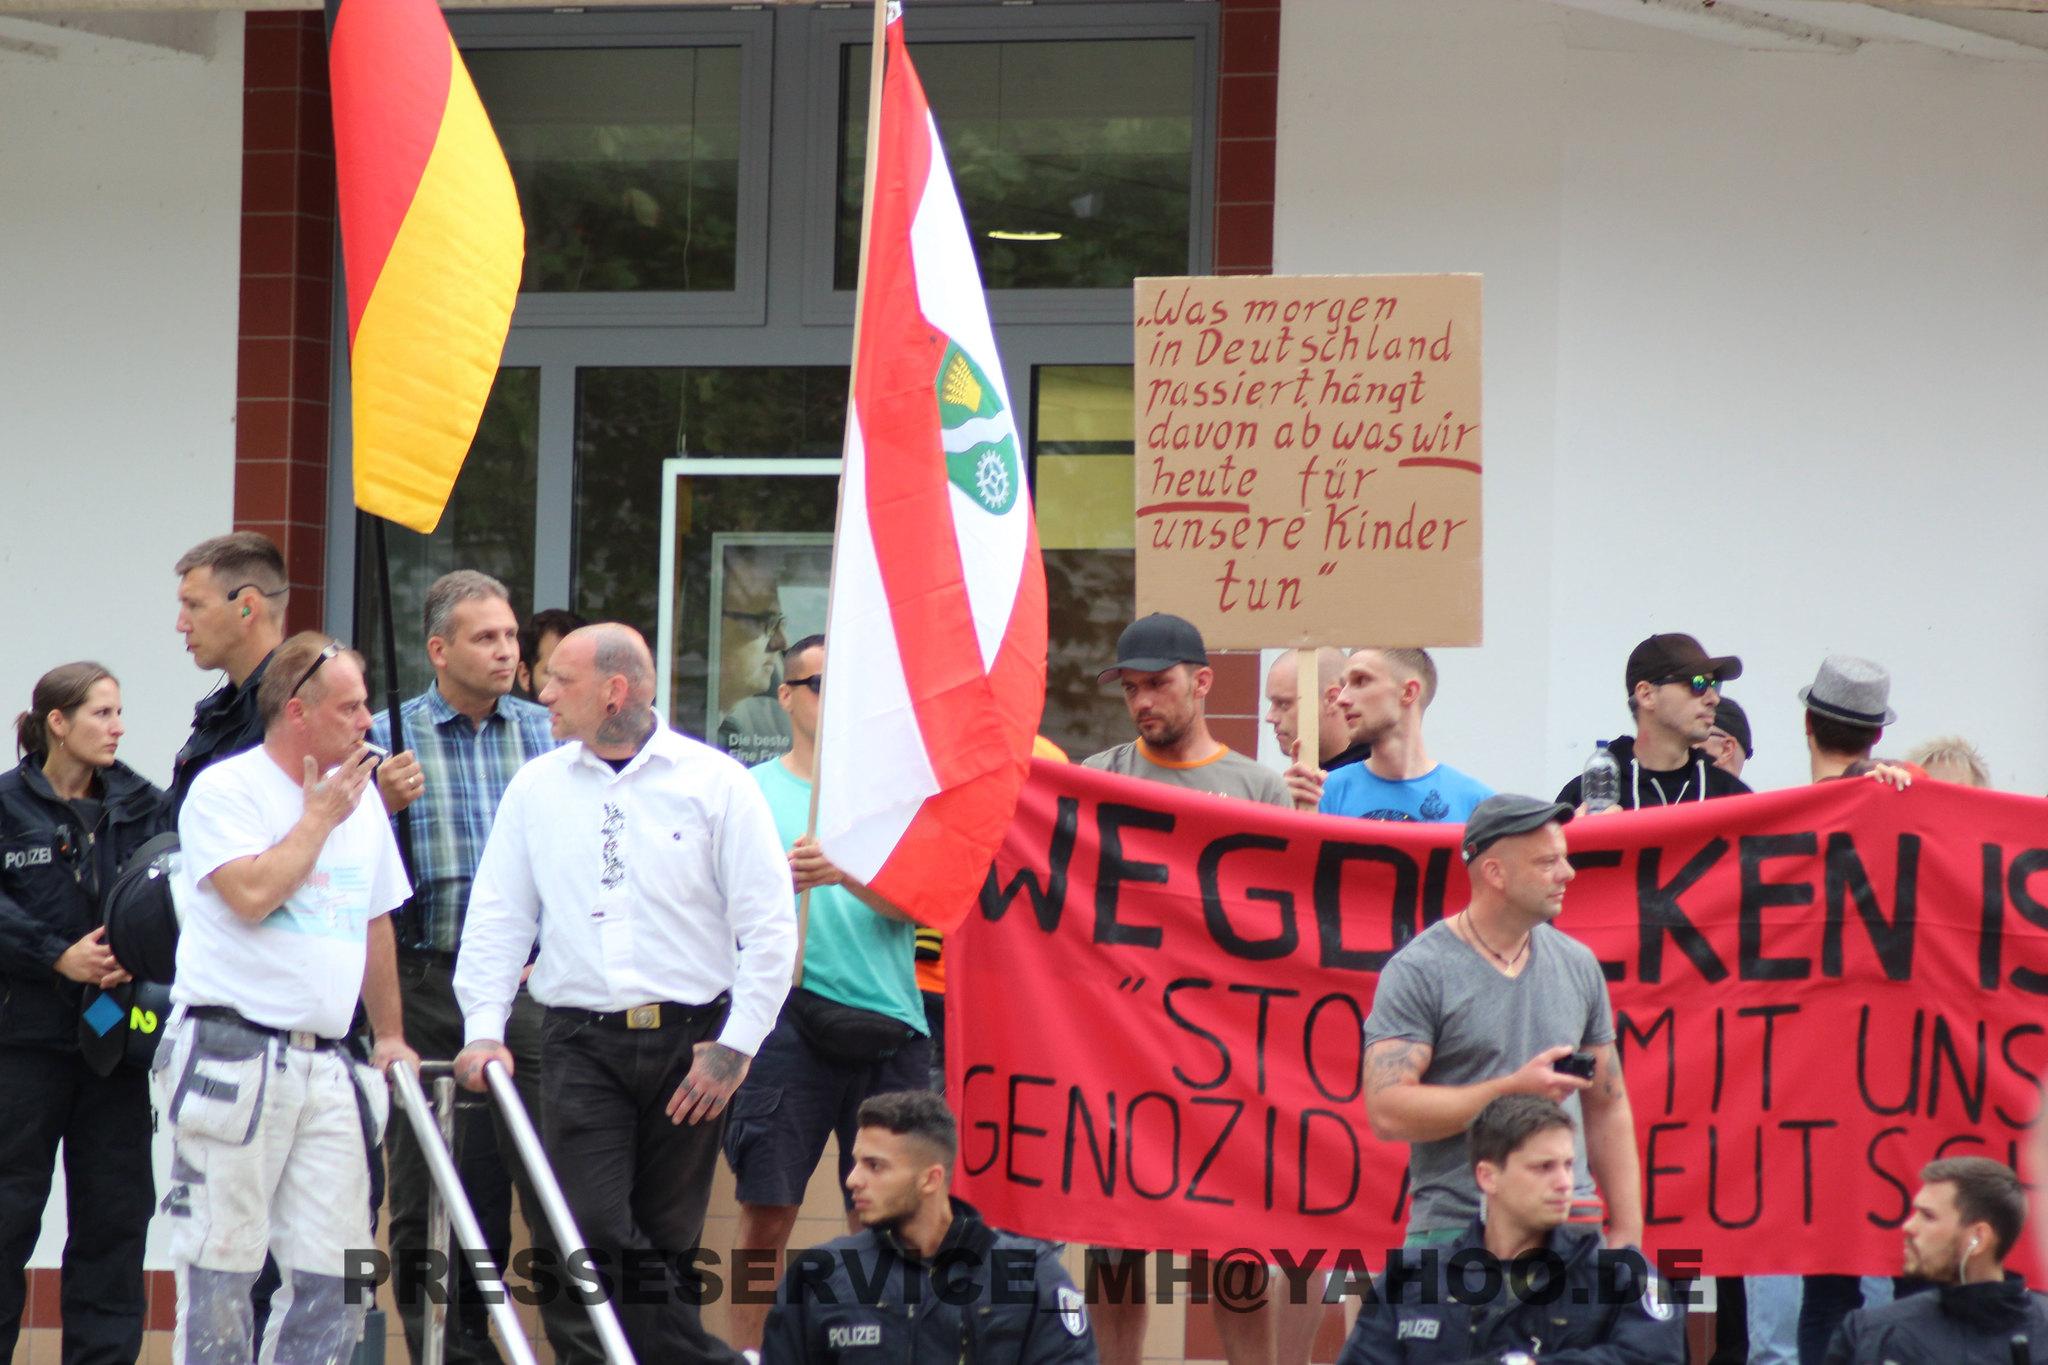 Nazikundgebung 27.08.2015 Marzahn Eastgate